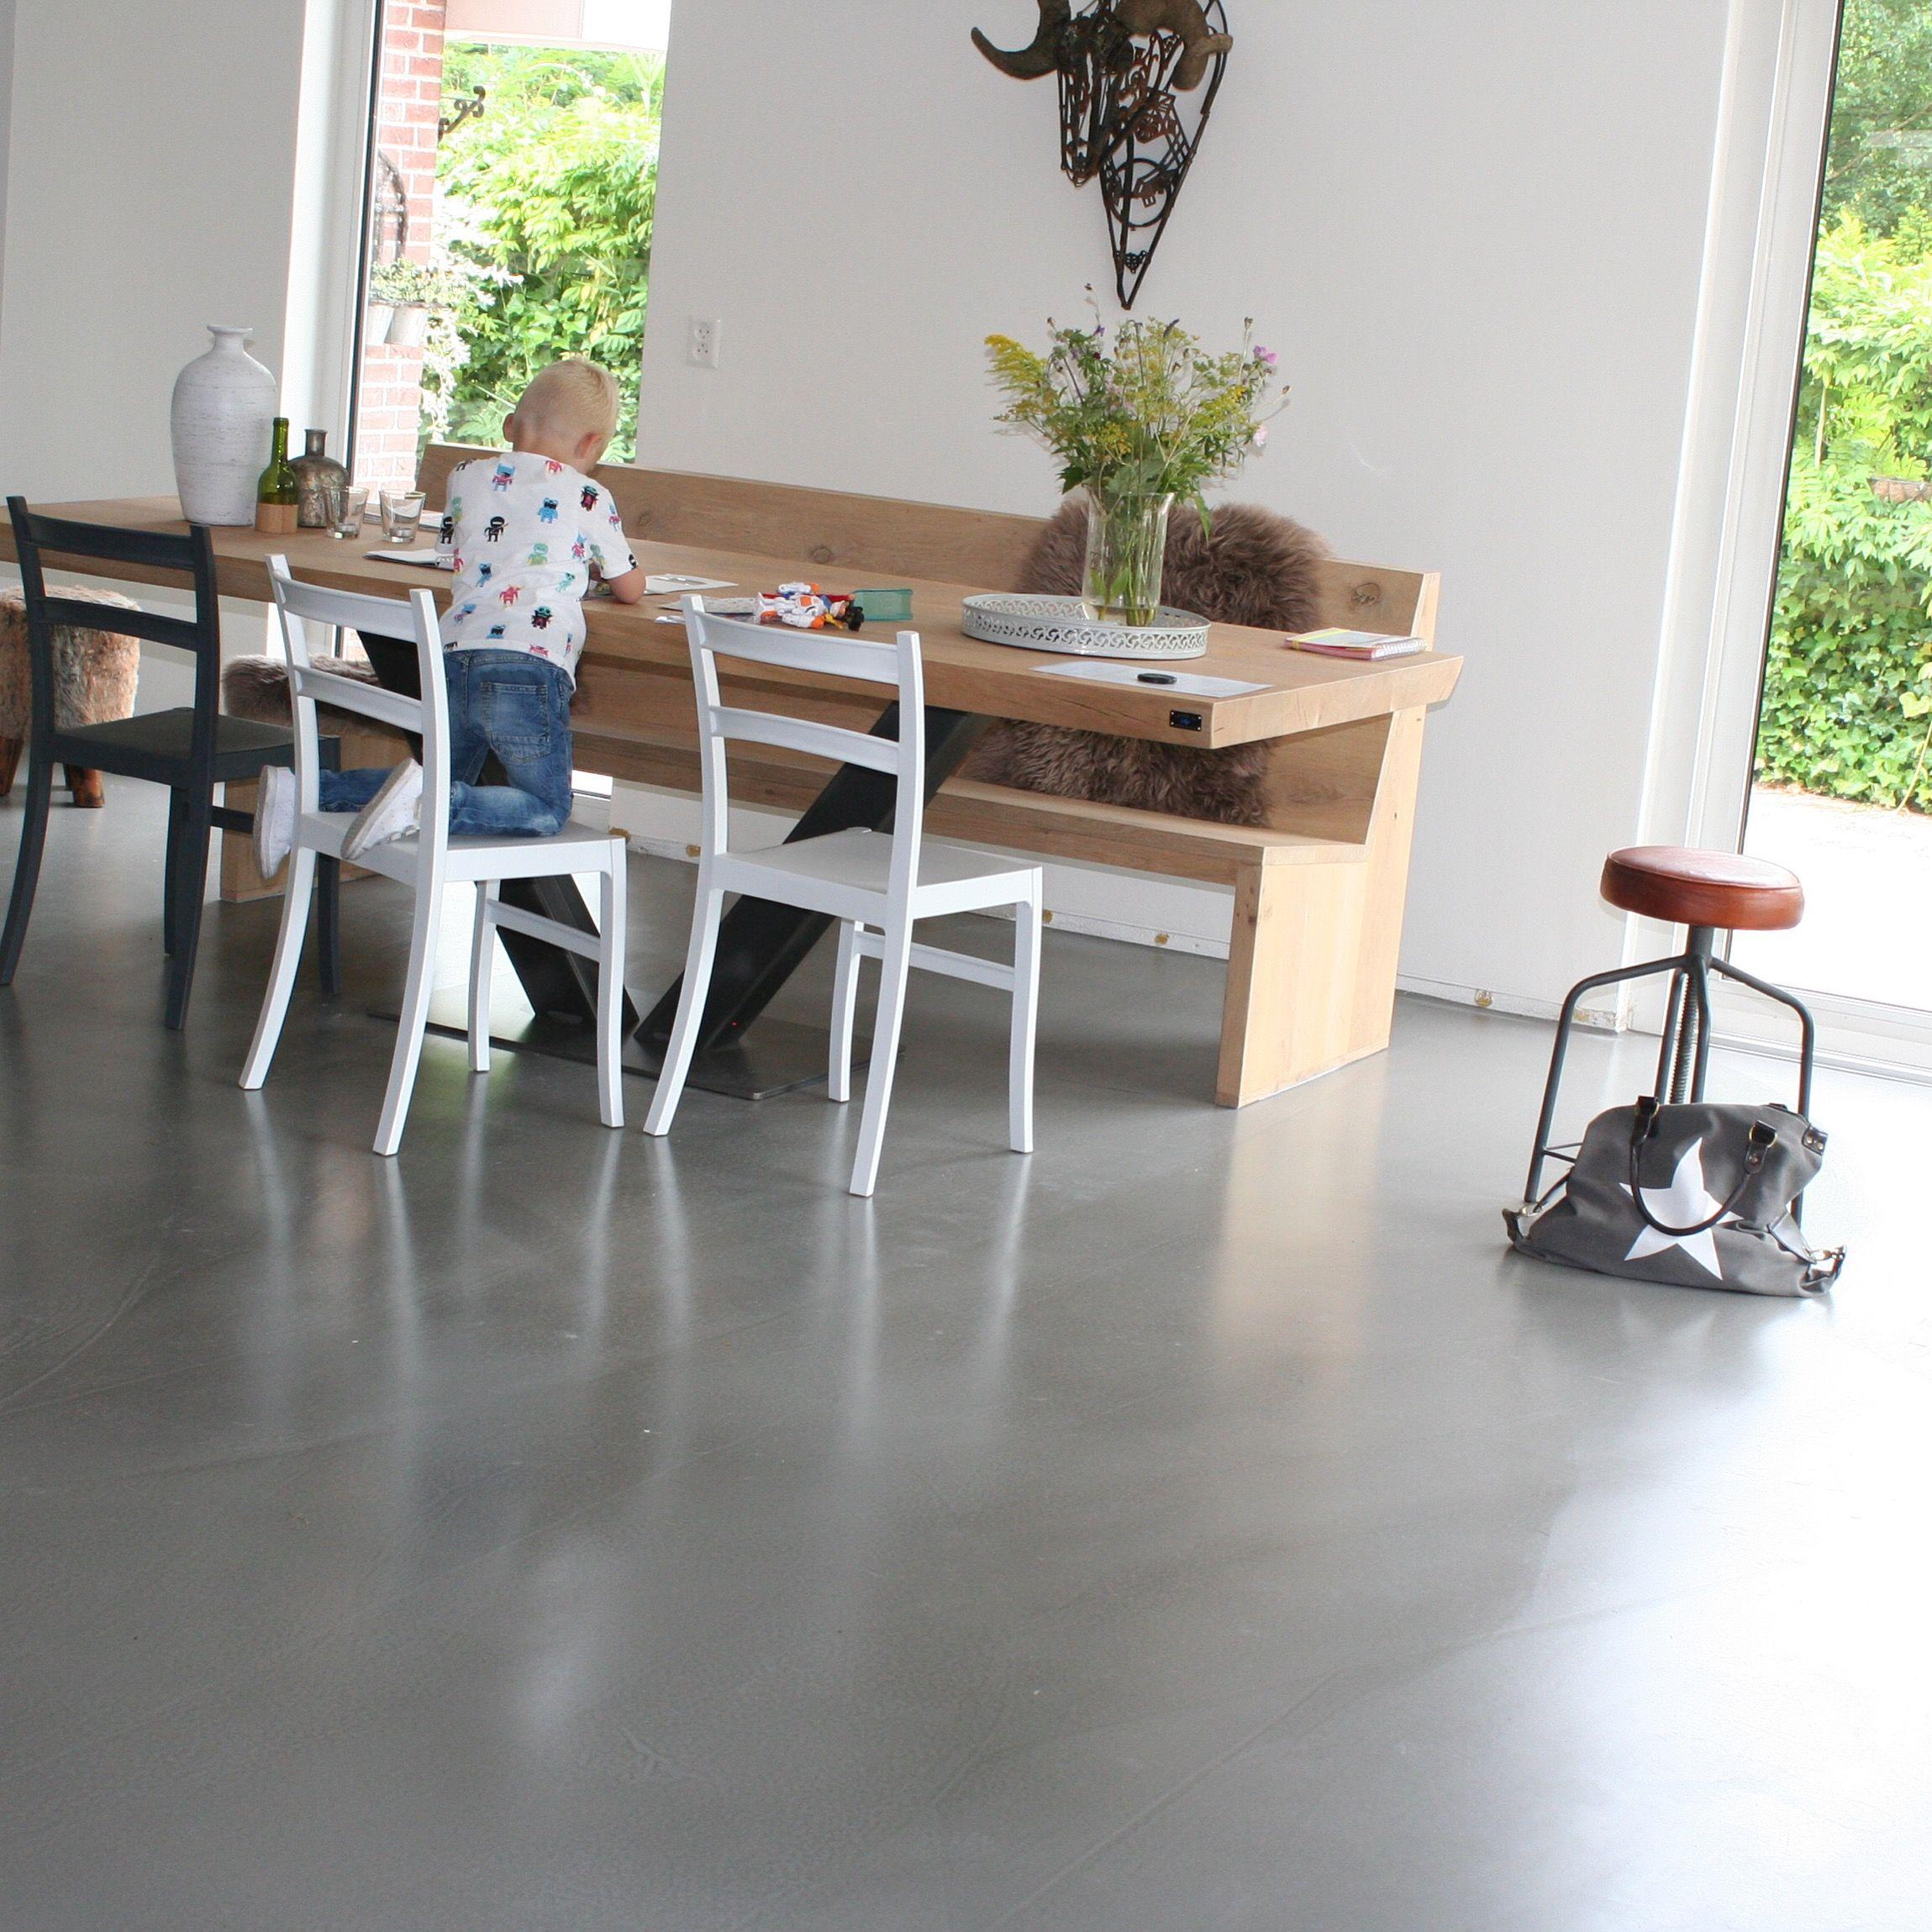 Pandomo floor in ral 7039 project in broek op langedijk boden pandomo floor in ral 7039 project in broek op langedijk ppazfo